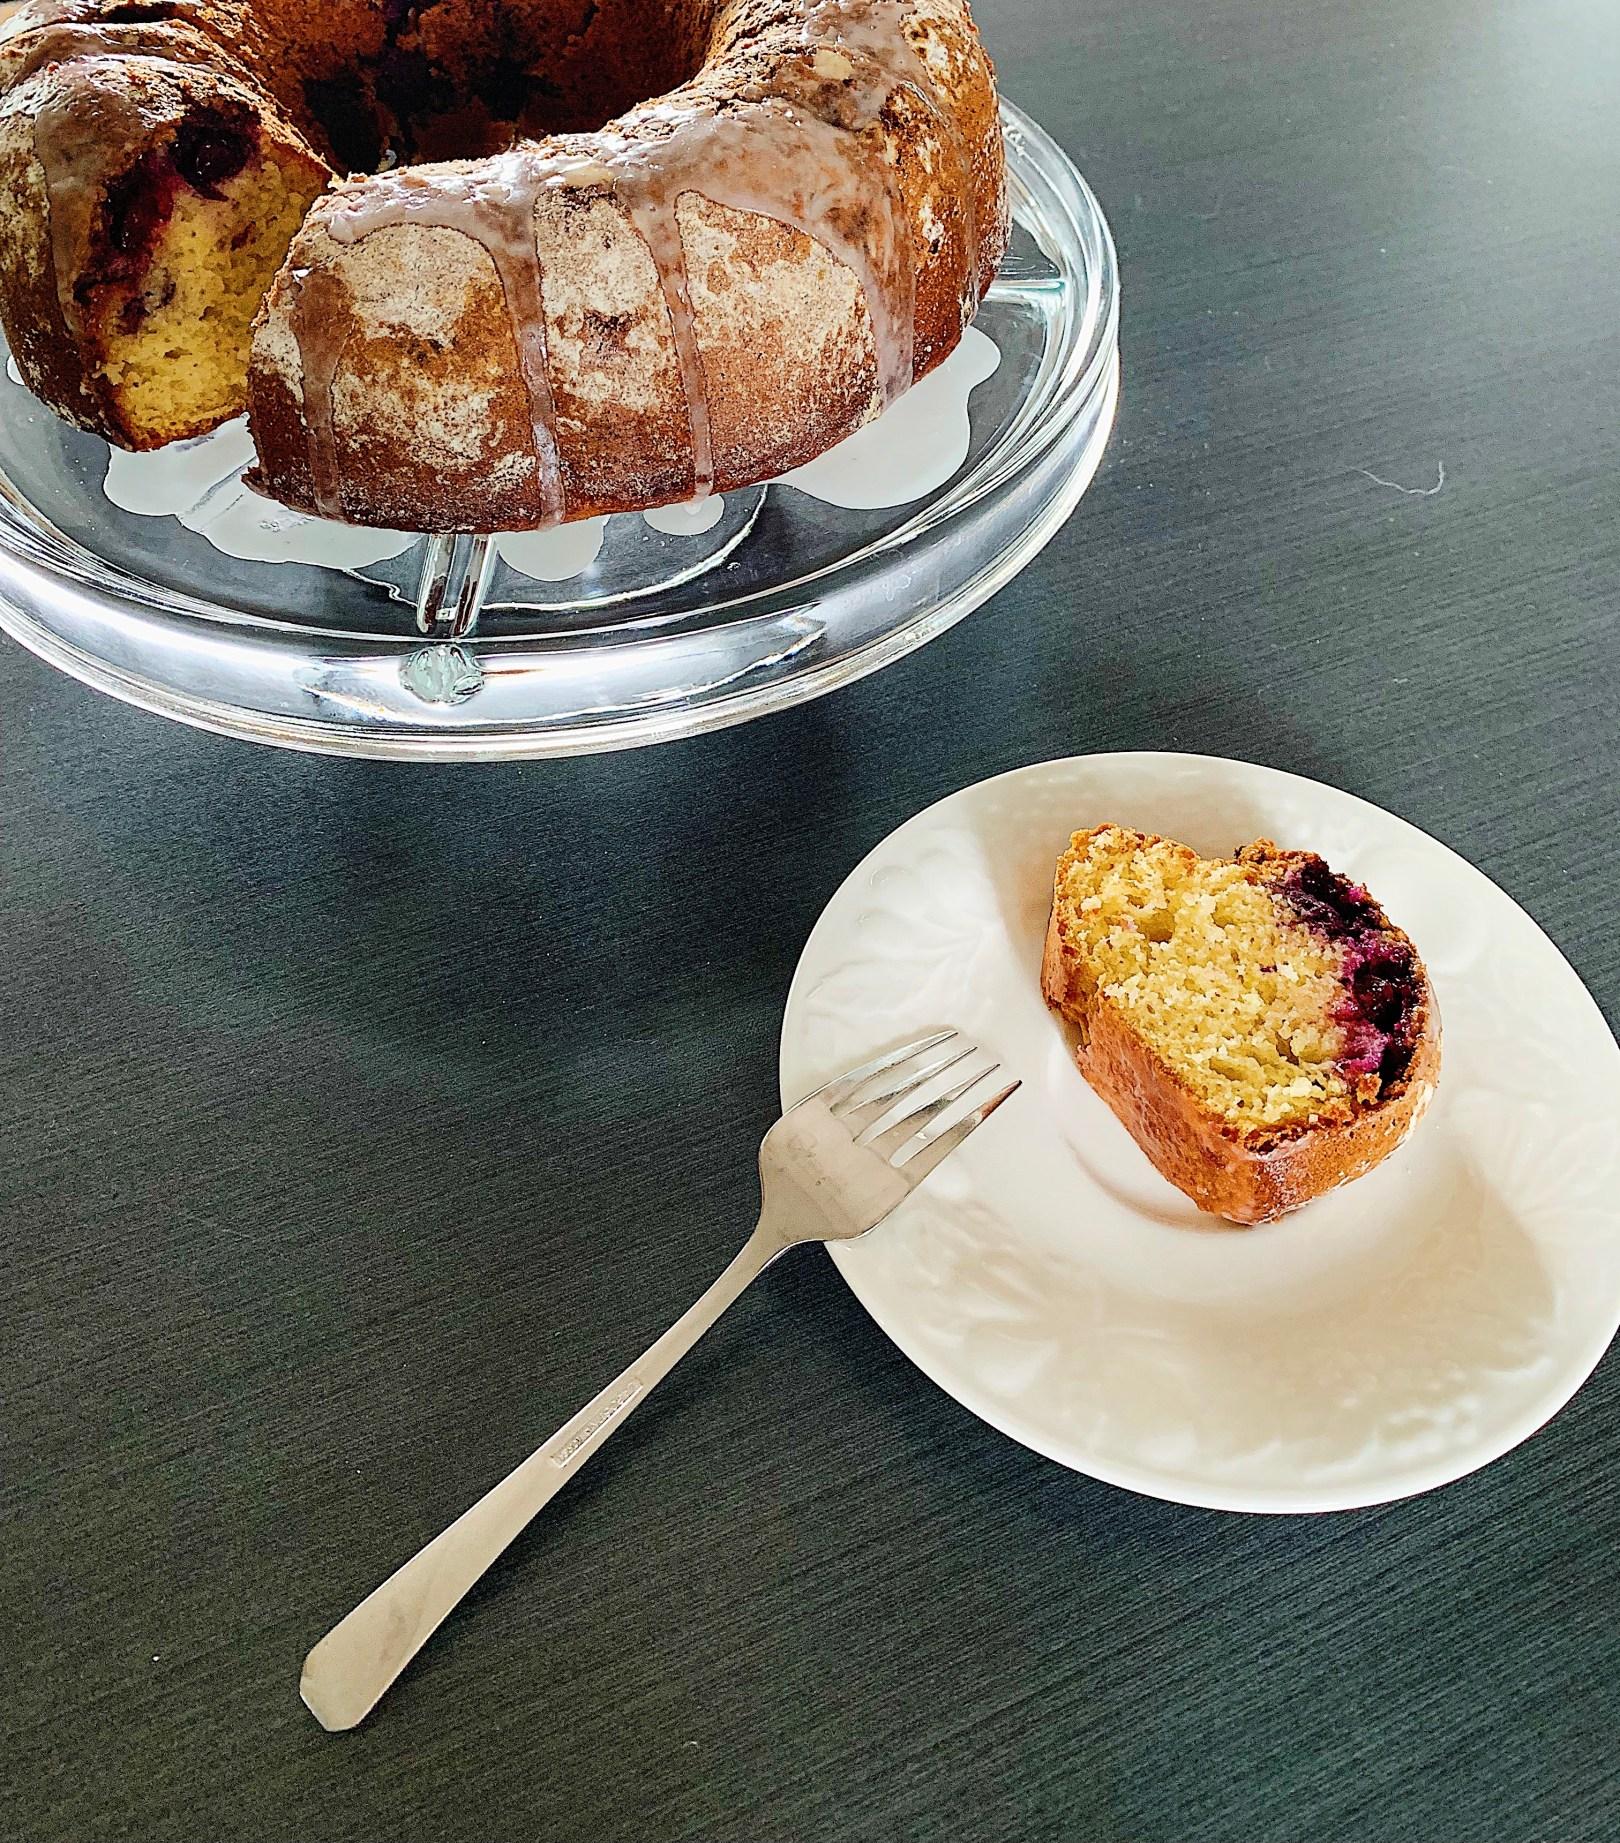 Gâteau Bundt au bleuets et citron